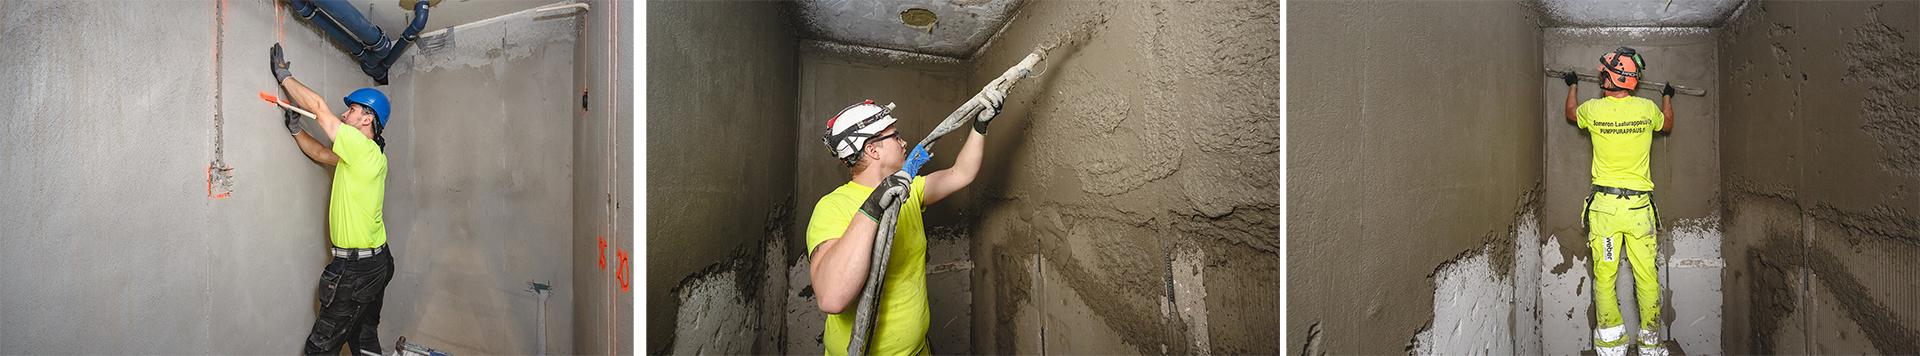 Pumppurappauksen valmistelevat työt tehdään edeltävänä päivänä. Sitten pumpataan ja heti pumppauksen perään pinta tasoitetaan.